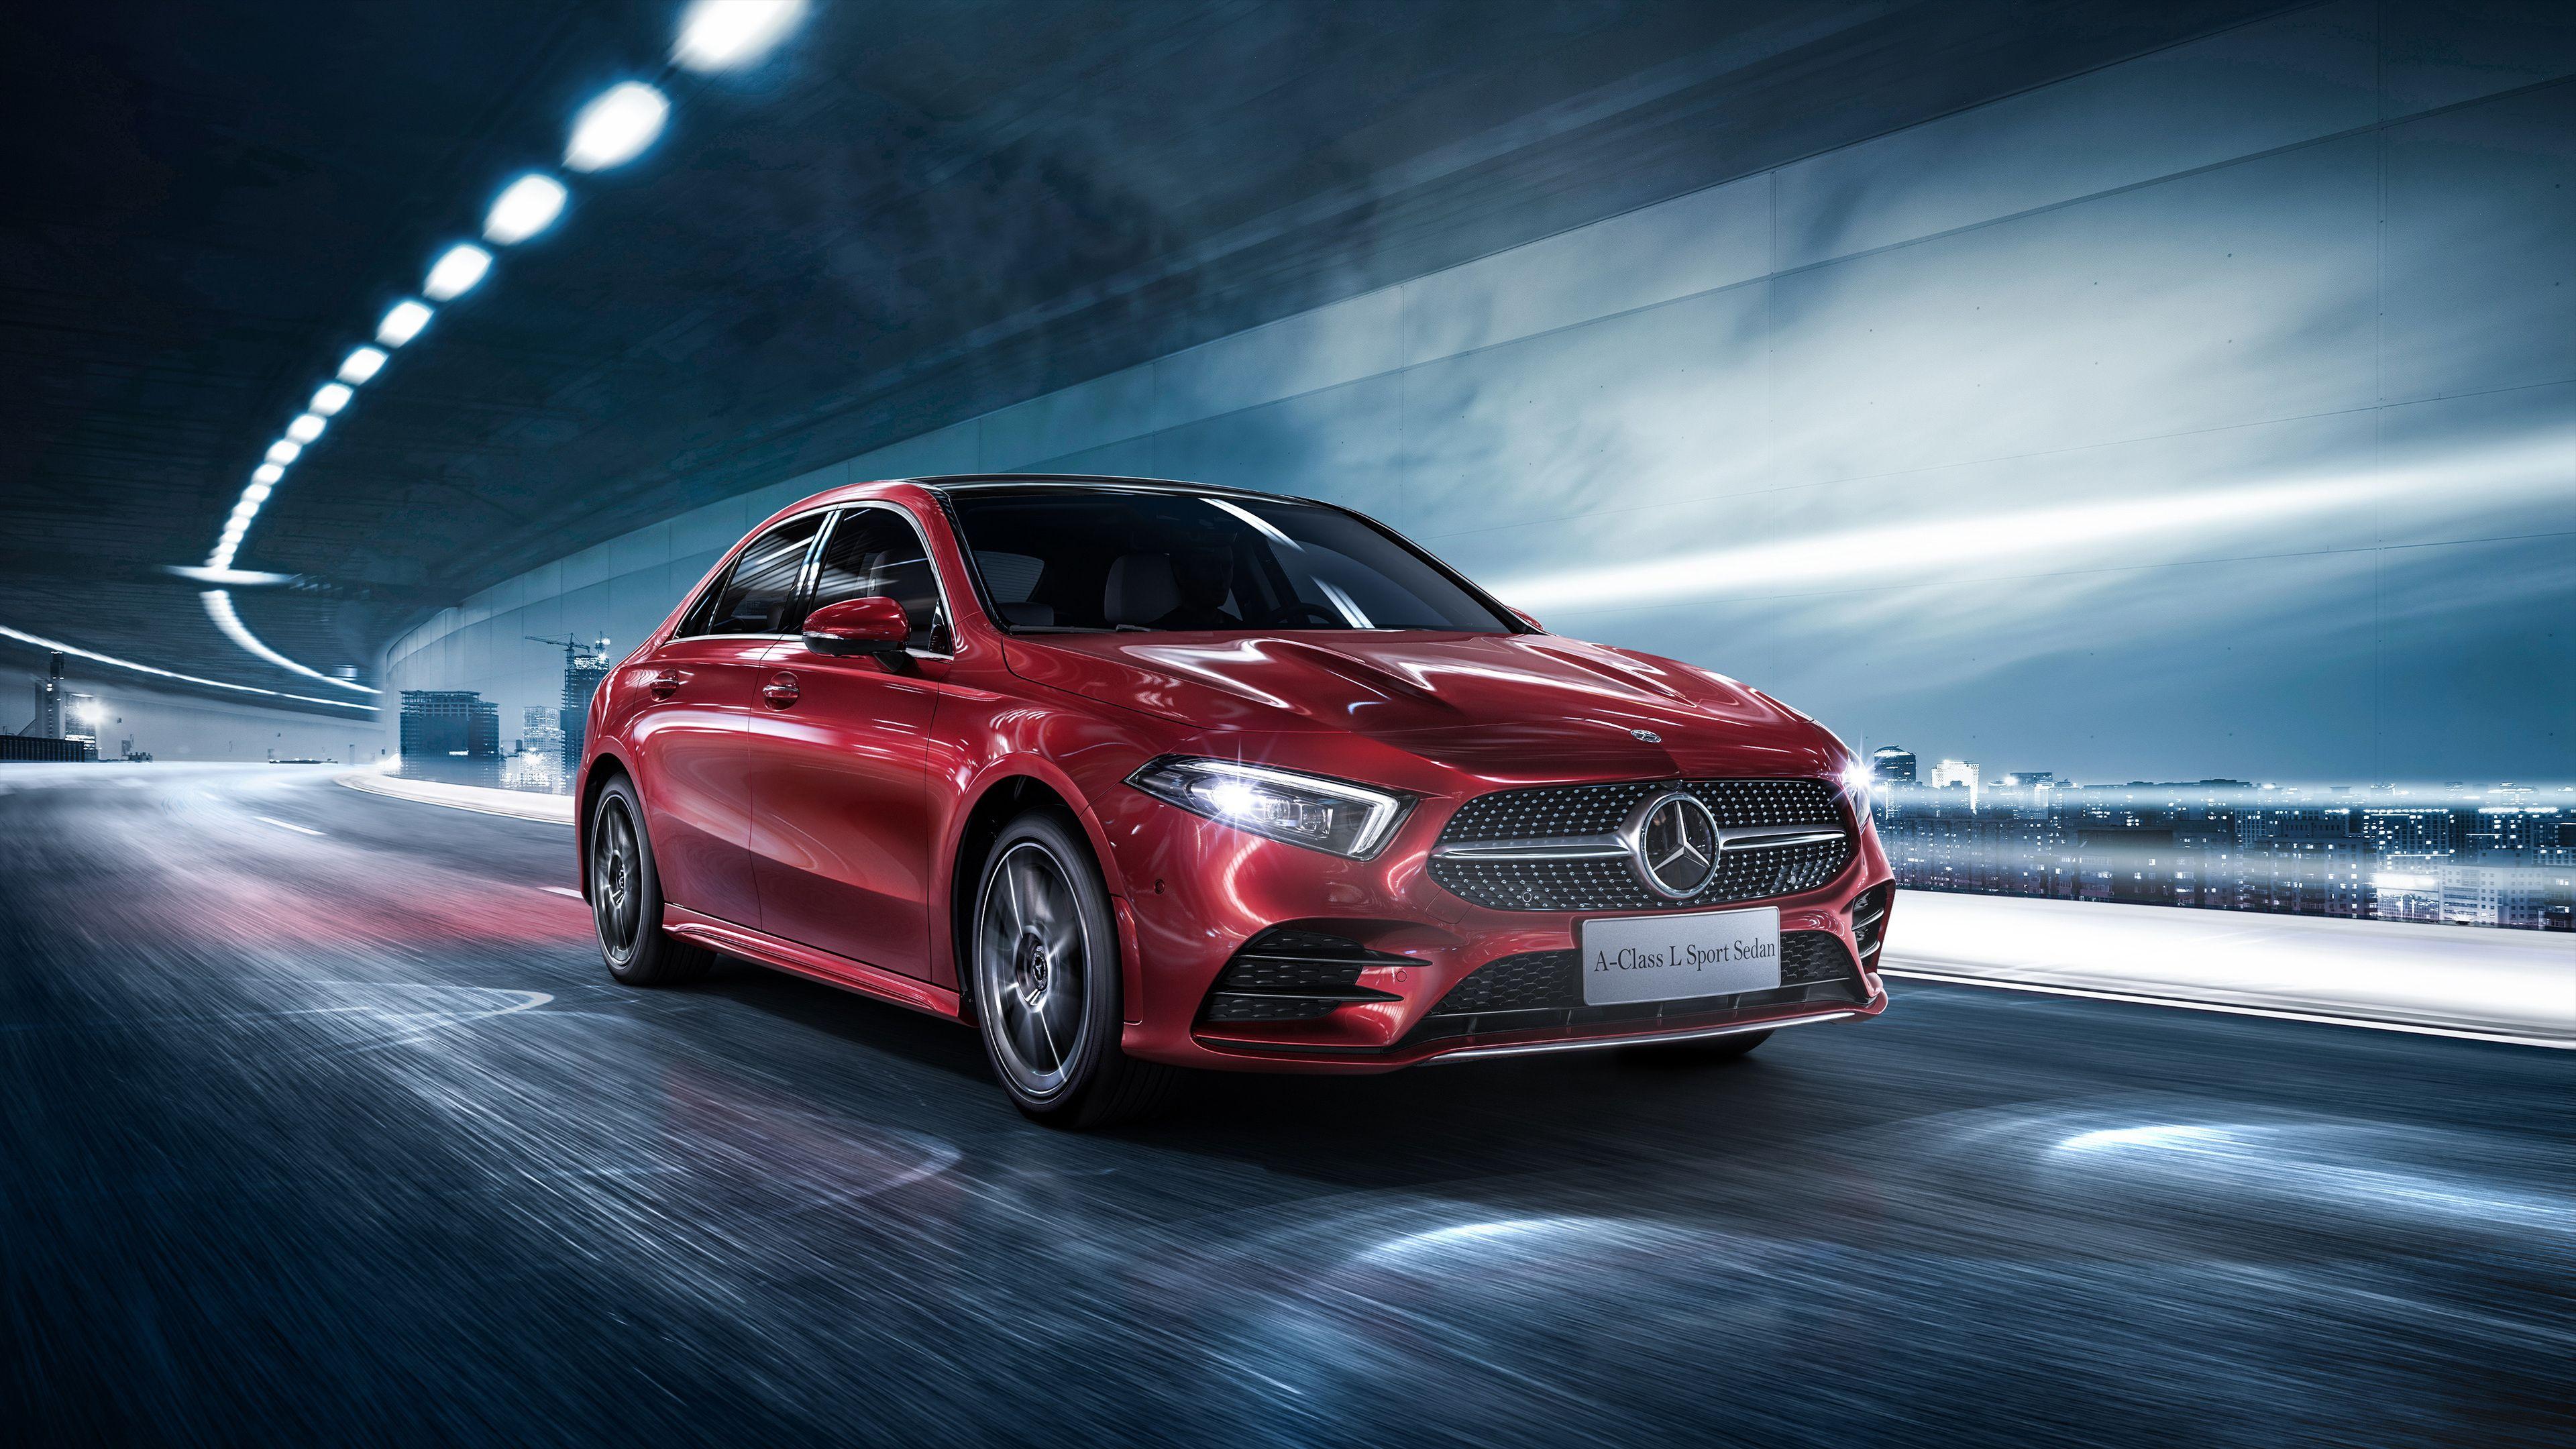 Wallpaper 4k 2018 Mercedes Benz A 200 L Sport Sedan 2018 Cars